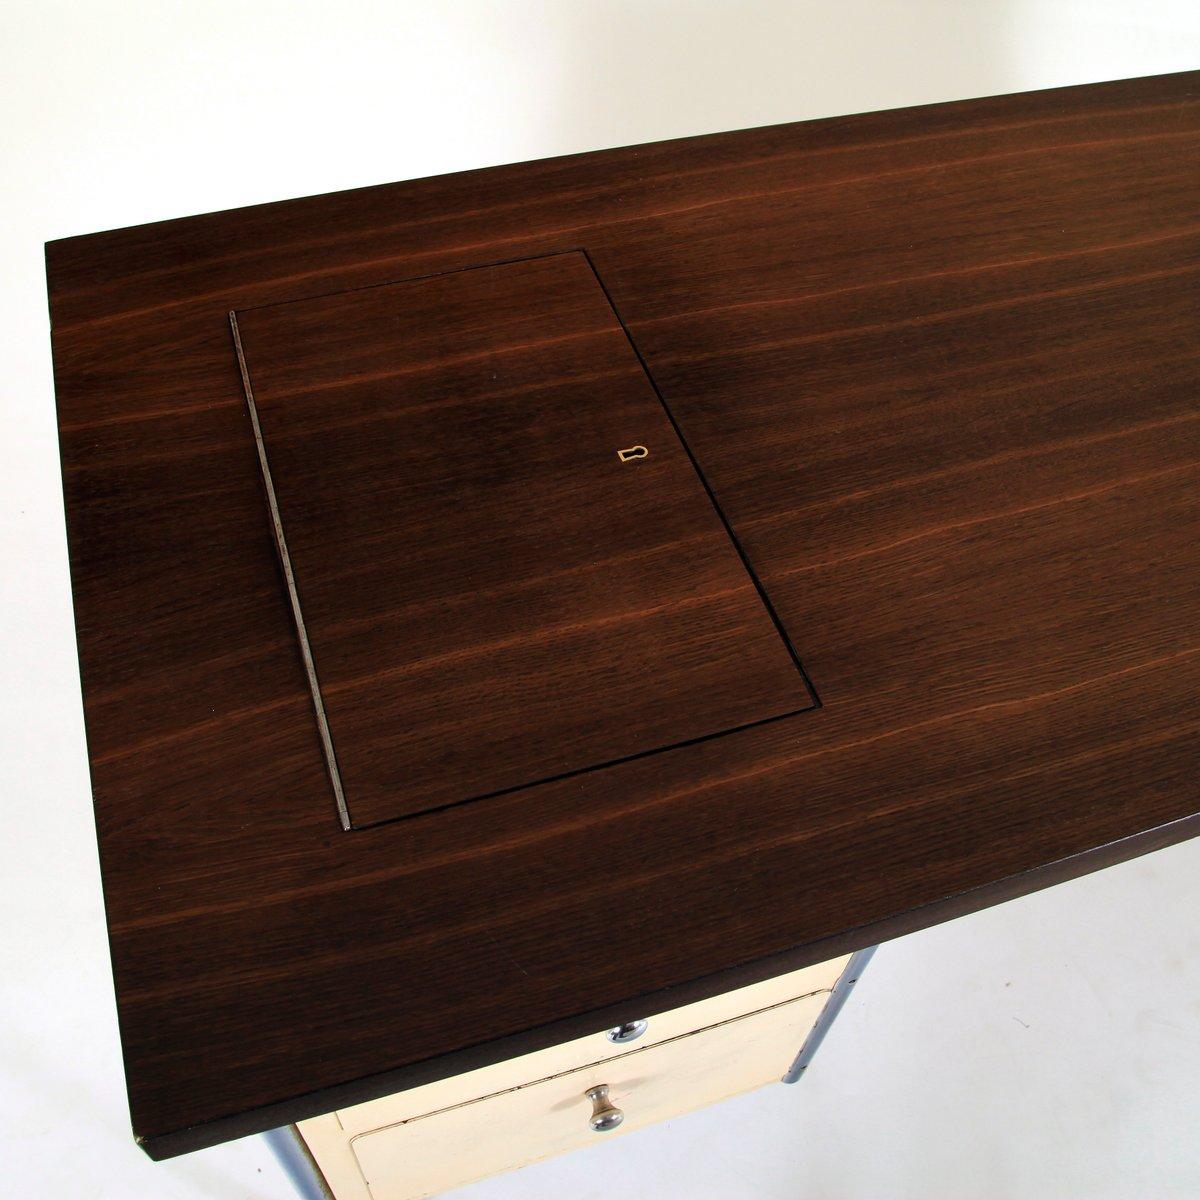 deutscher mid century schreibtisch mit stahlrohrrahmen bei. Black Bedroom Furniture Sets. Home Design Ideas